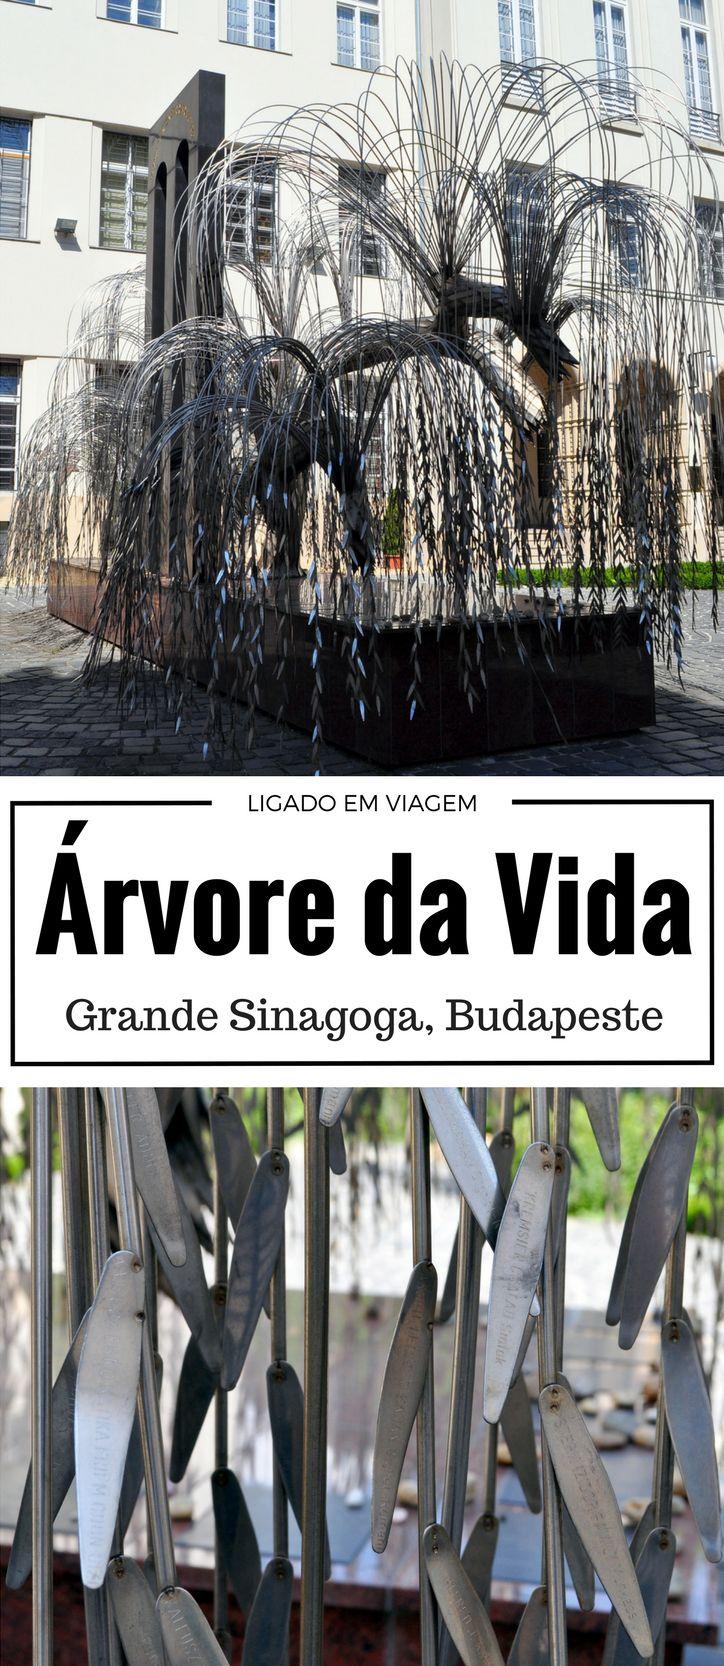 """""""... marcado por uma Árvore da Vida - um escultura de metal representando um salgueiro-chorão em que cada folha tem escrito o nome de uma vítima. Quando a brisa sopra, as folhas de metal batem umas nas outras, soando com um eco fantasmagórico acima do solo sagrado."""" Dan Brown, Livro """"Origem"""" - Uma bela descrição sobre essa escultura que visitamos na Grande Sinagoga em Budapeste! - Tags: #hungria #budapeste #grandesinagoga #arvoredavida #danbrown #origem #robertlangdon"""